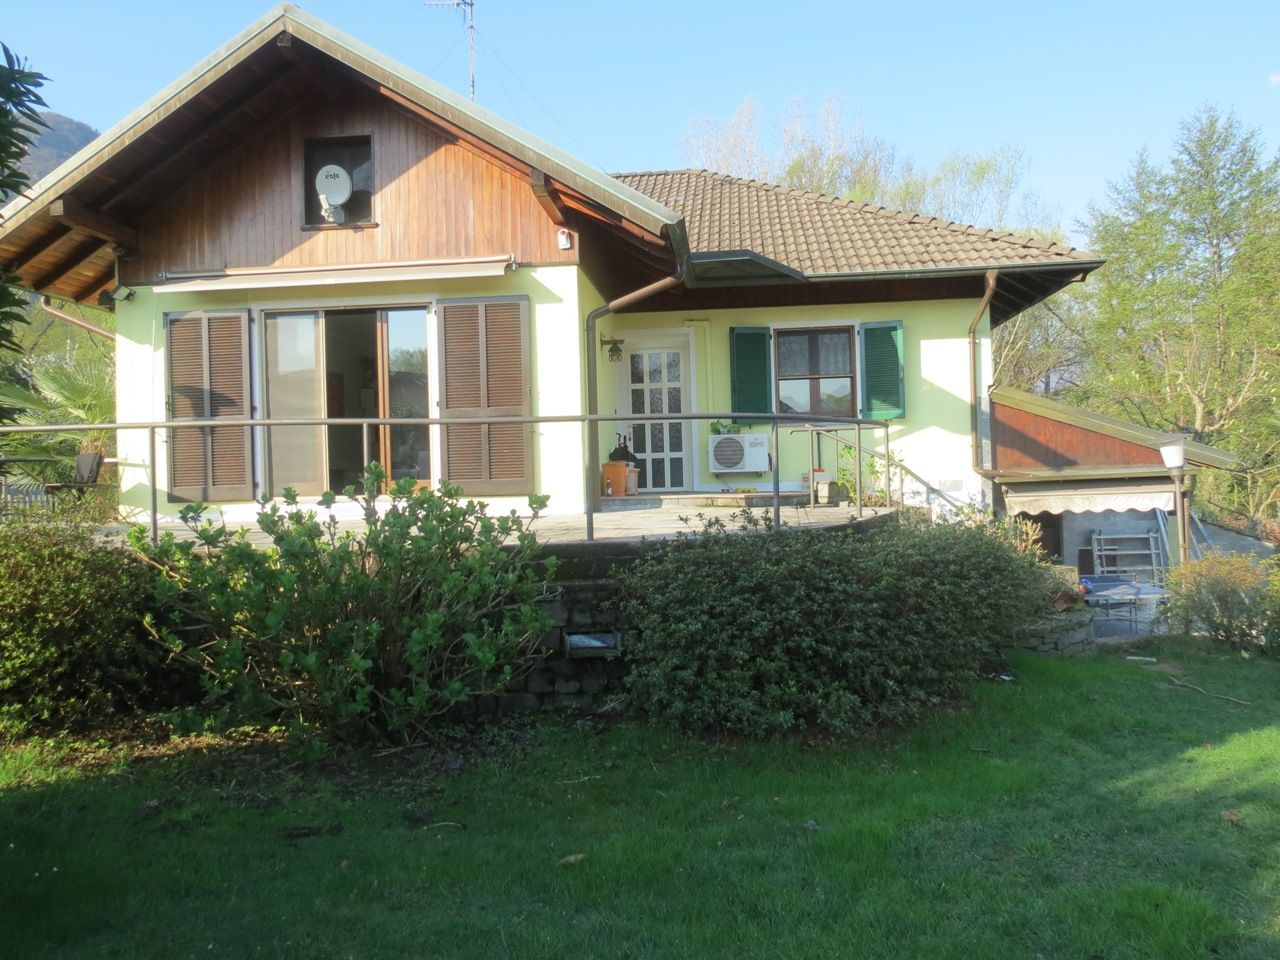 Feriolo casa indipendente 2 camere con giardino e garage for Piccoli piani di casa con cantina e garage